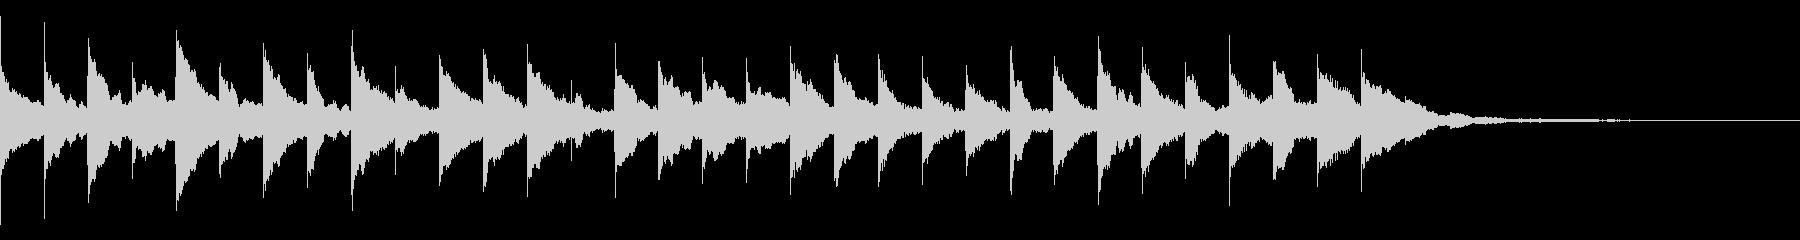 アンニュイでミステリアスなオルゴールの曲の未再生の波形